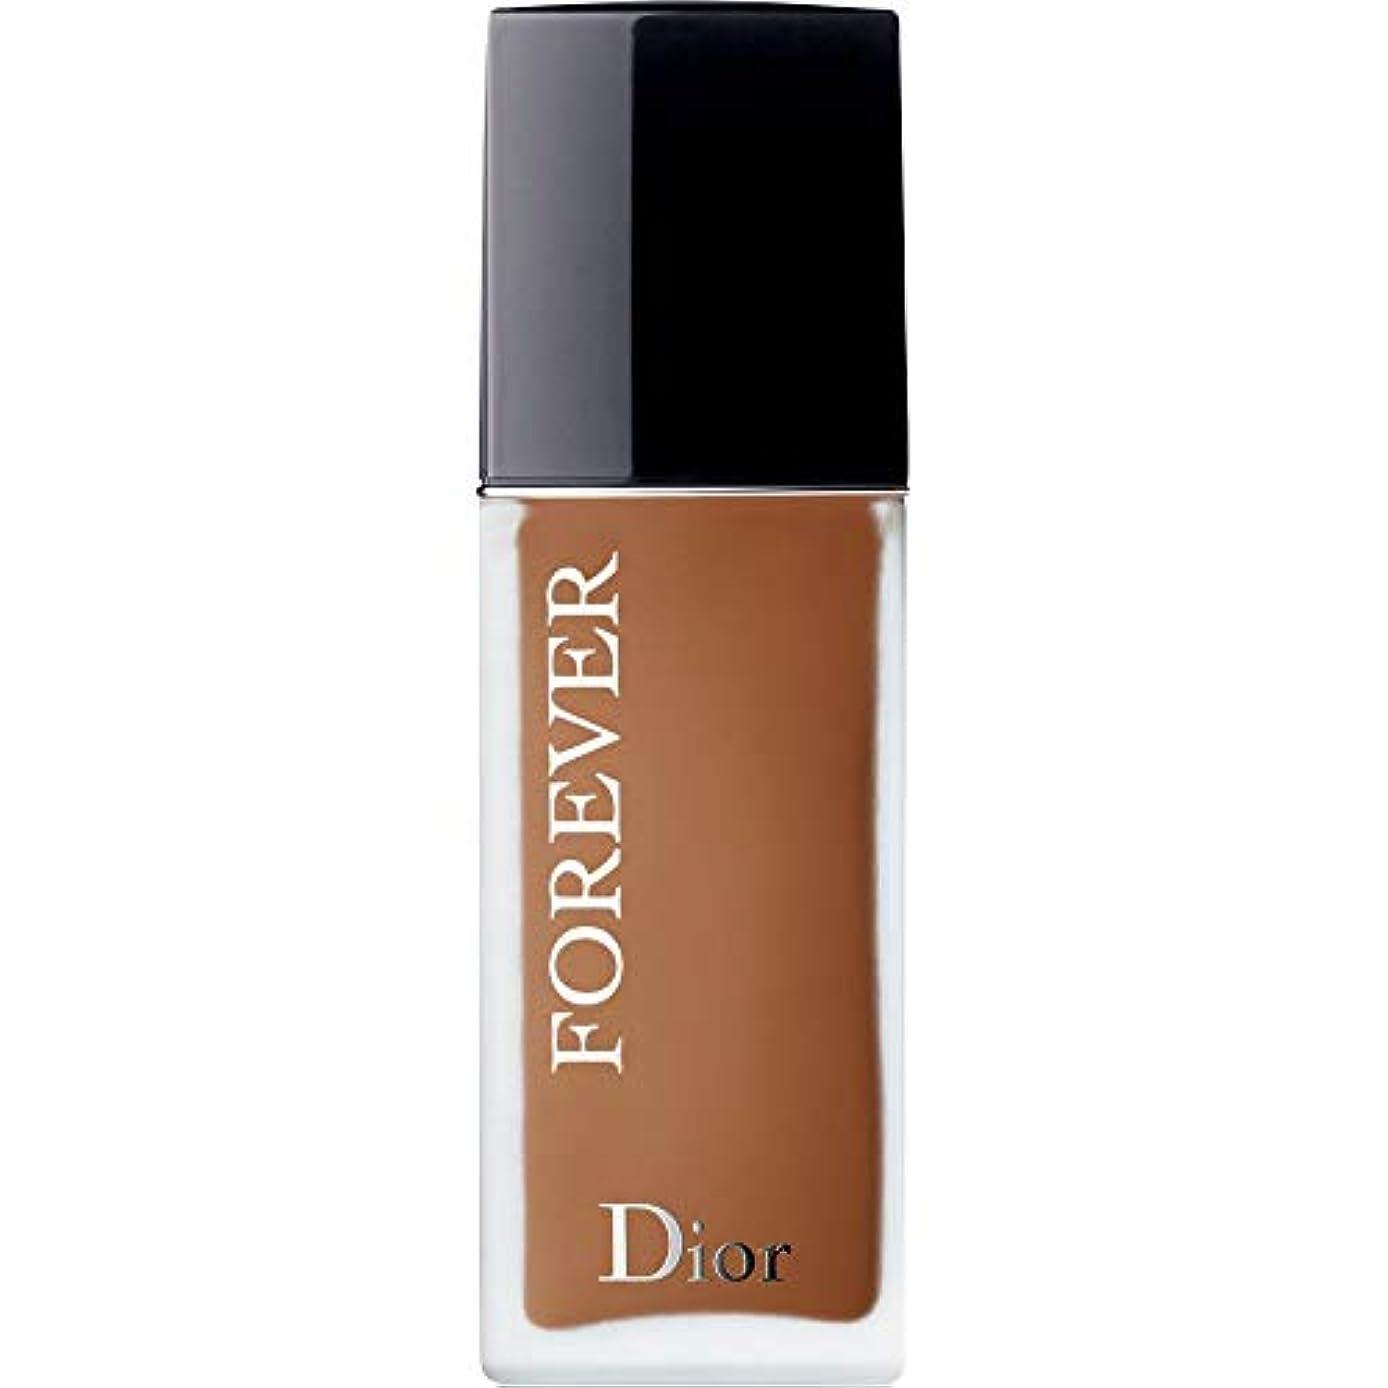 渇きポルティコジャベスウィルソン[Dior ] ディオール永遠皮膚思いやりの基盤Spf35 30ミリリットルの6N - ニュートラル(つや消し) - DIOR Forever Skin-Caring Foundation SPF35 30ml 6N -...